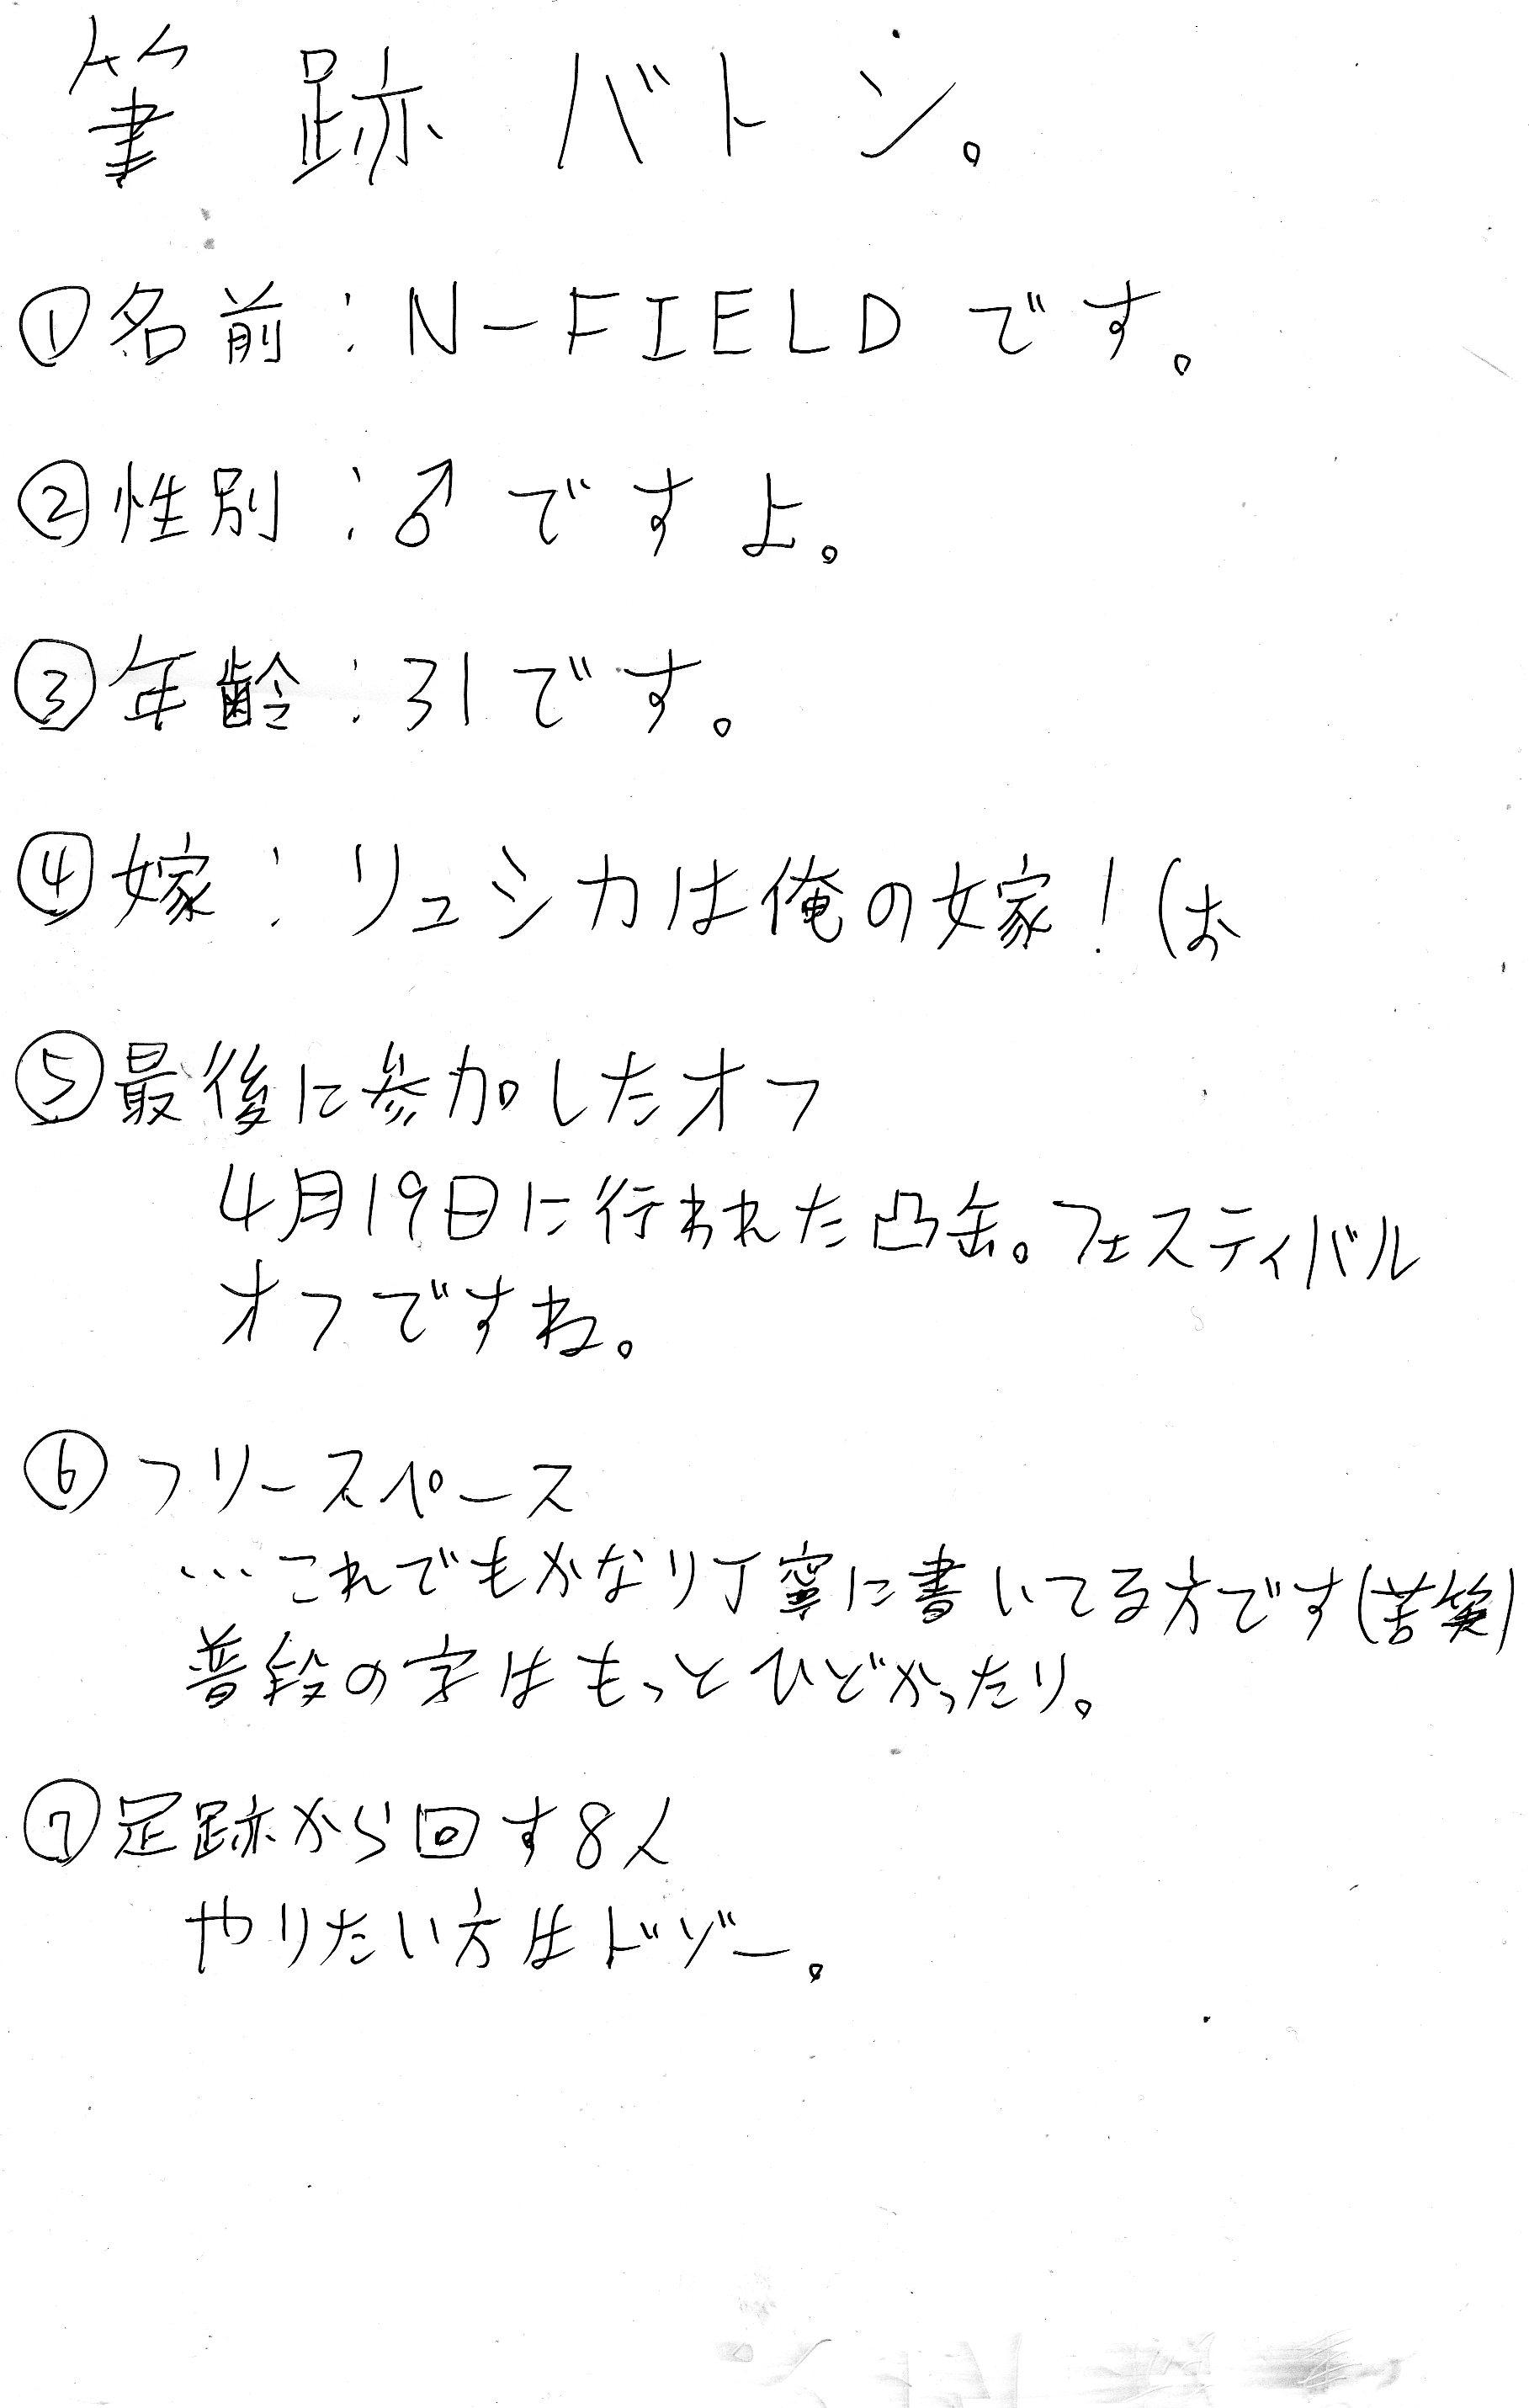 筆跡バトン